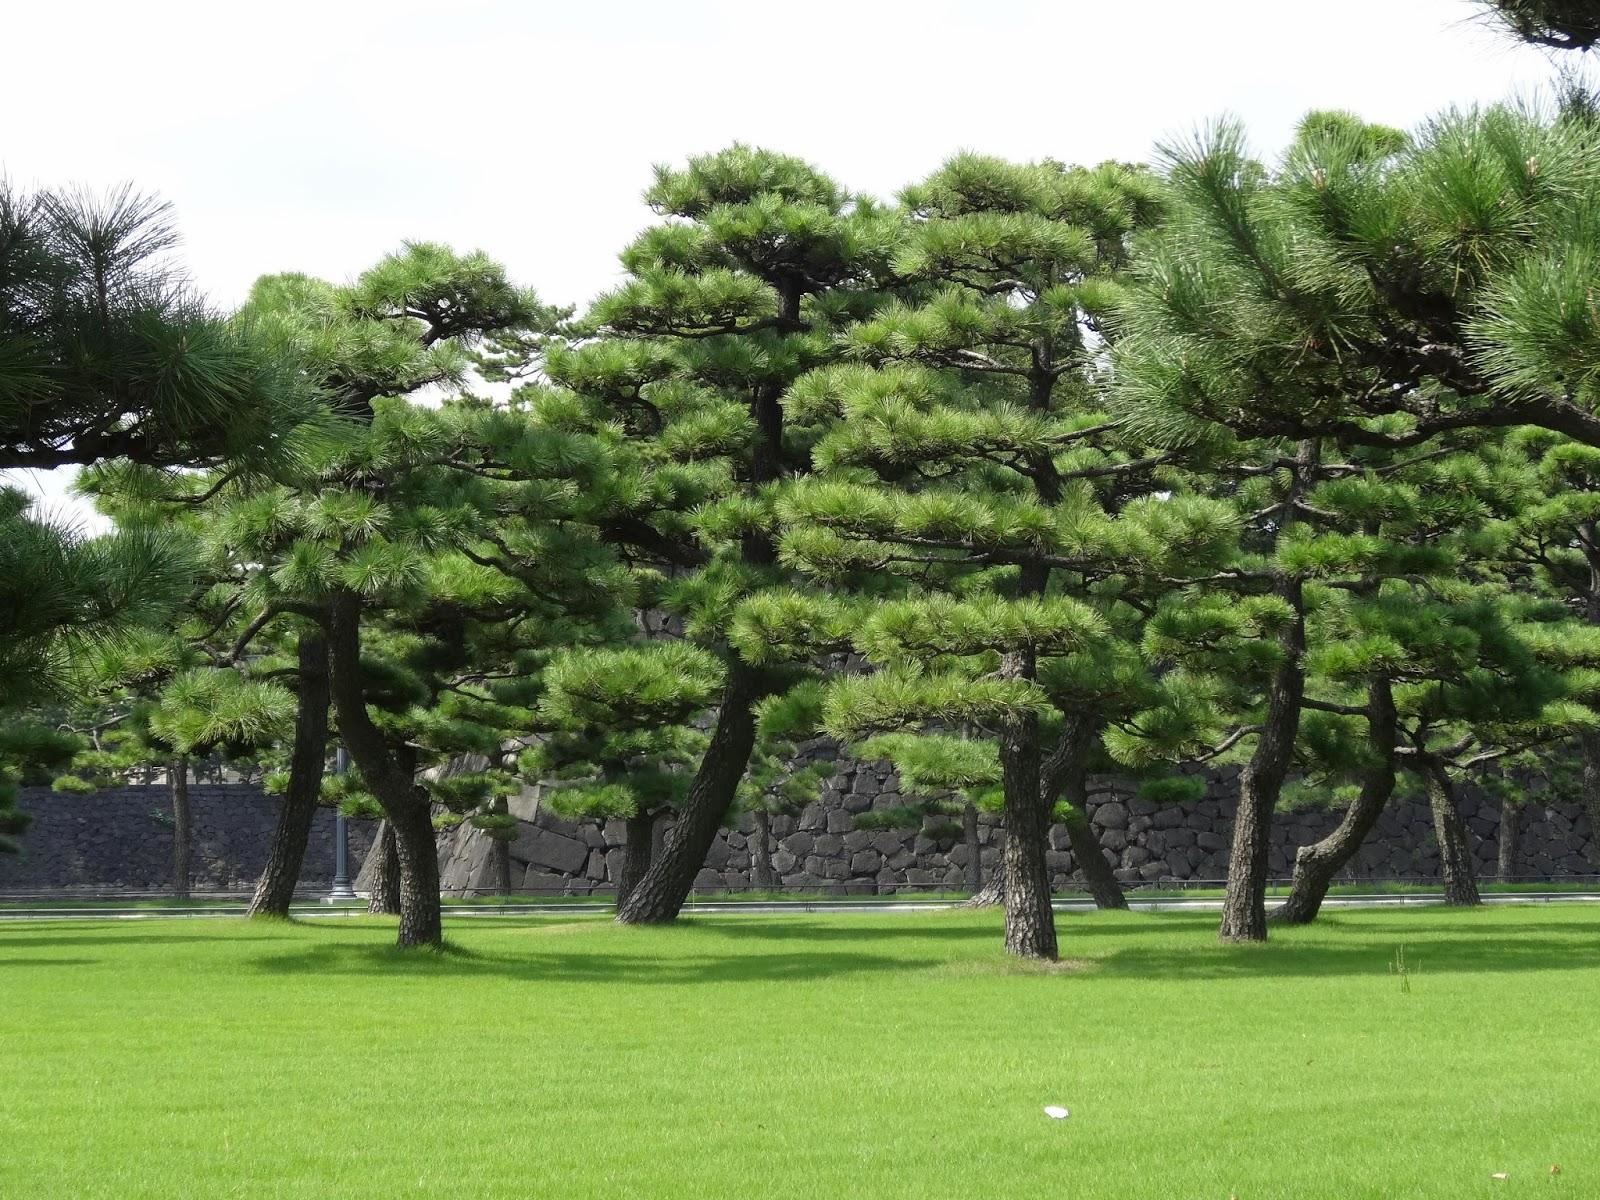 le blog de parcs et jardins de l 39 oise la taille des pins au japon. Black Bedroom Furniture Sets. Home Design Ideas